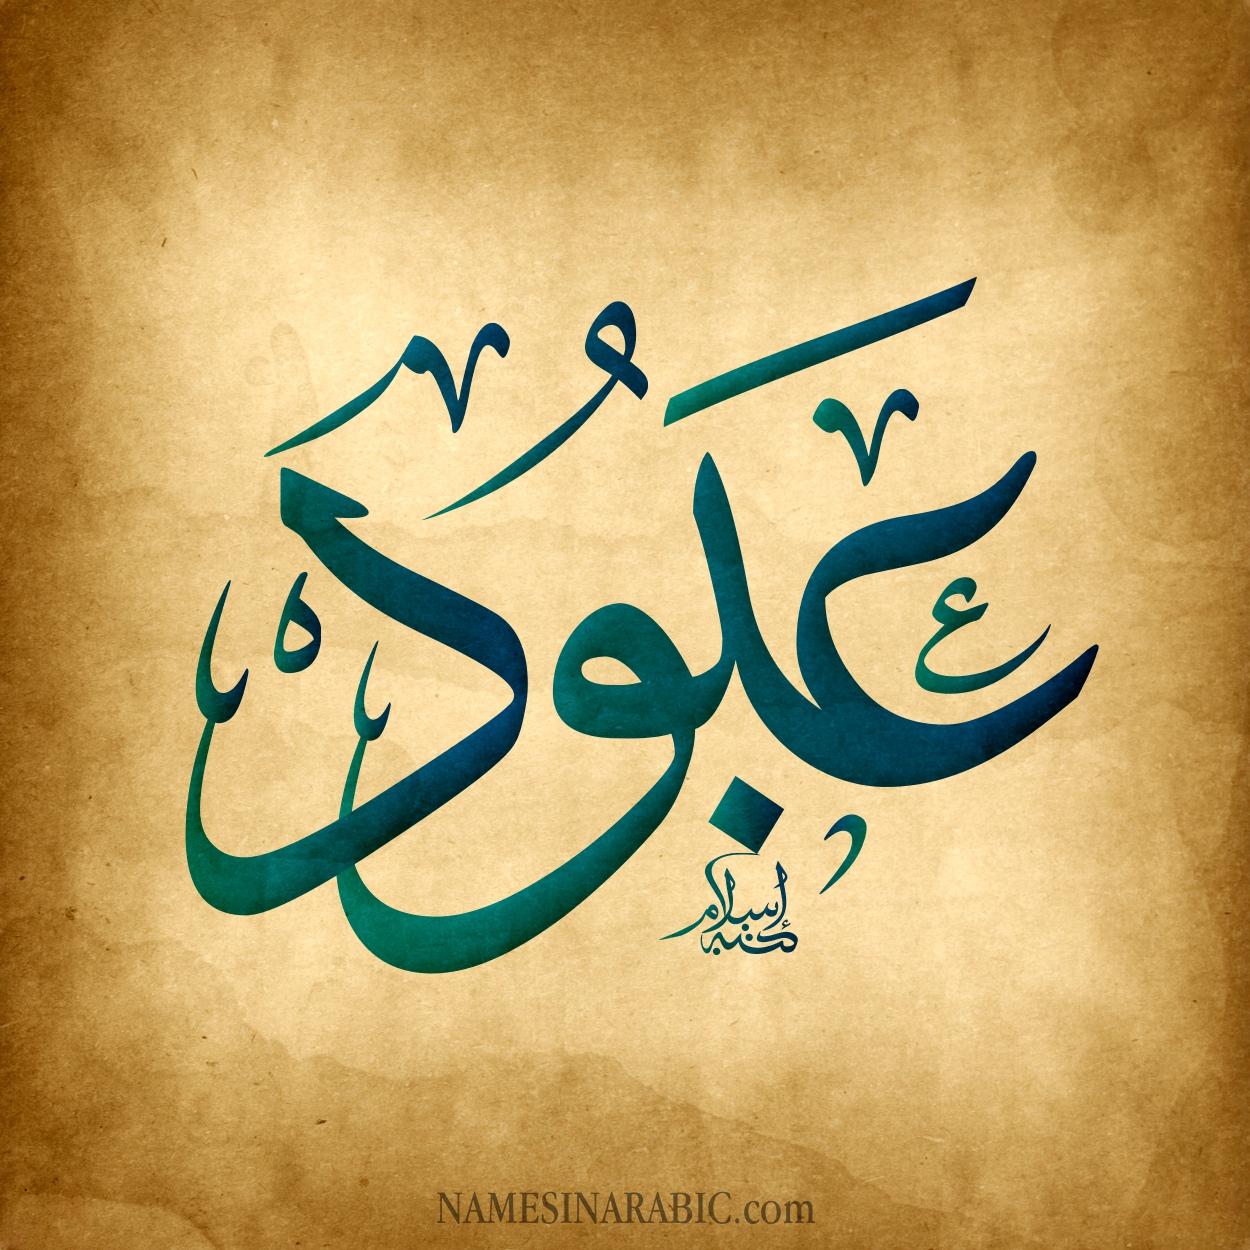 صورة اسم عبود Abod اسم عبود بالخط العربي من موقع الأسماء بالخط العربي بريشة الفنان إسلام ابن الفضل